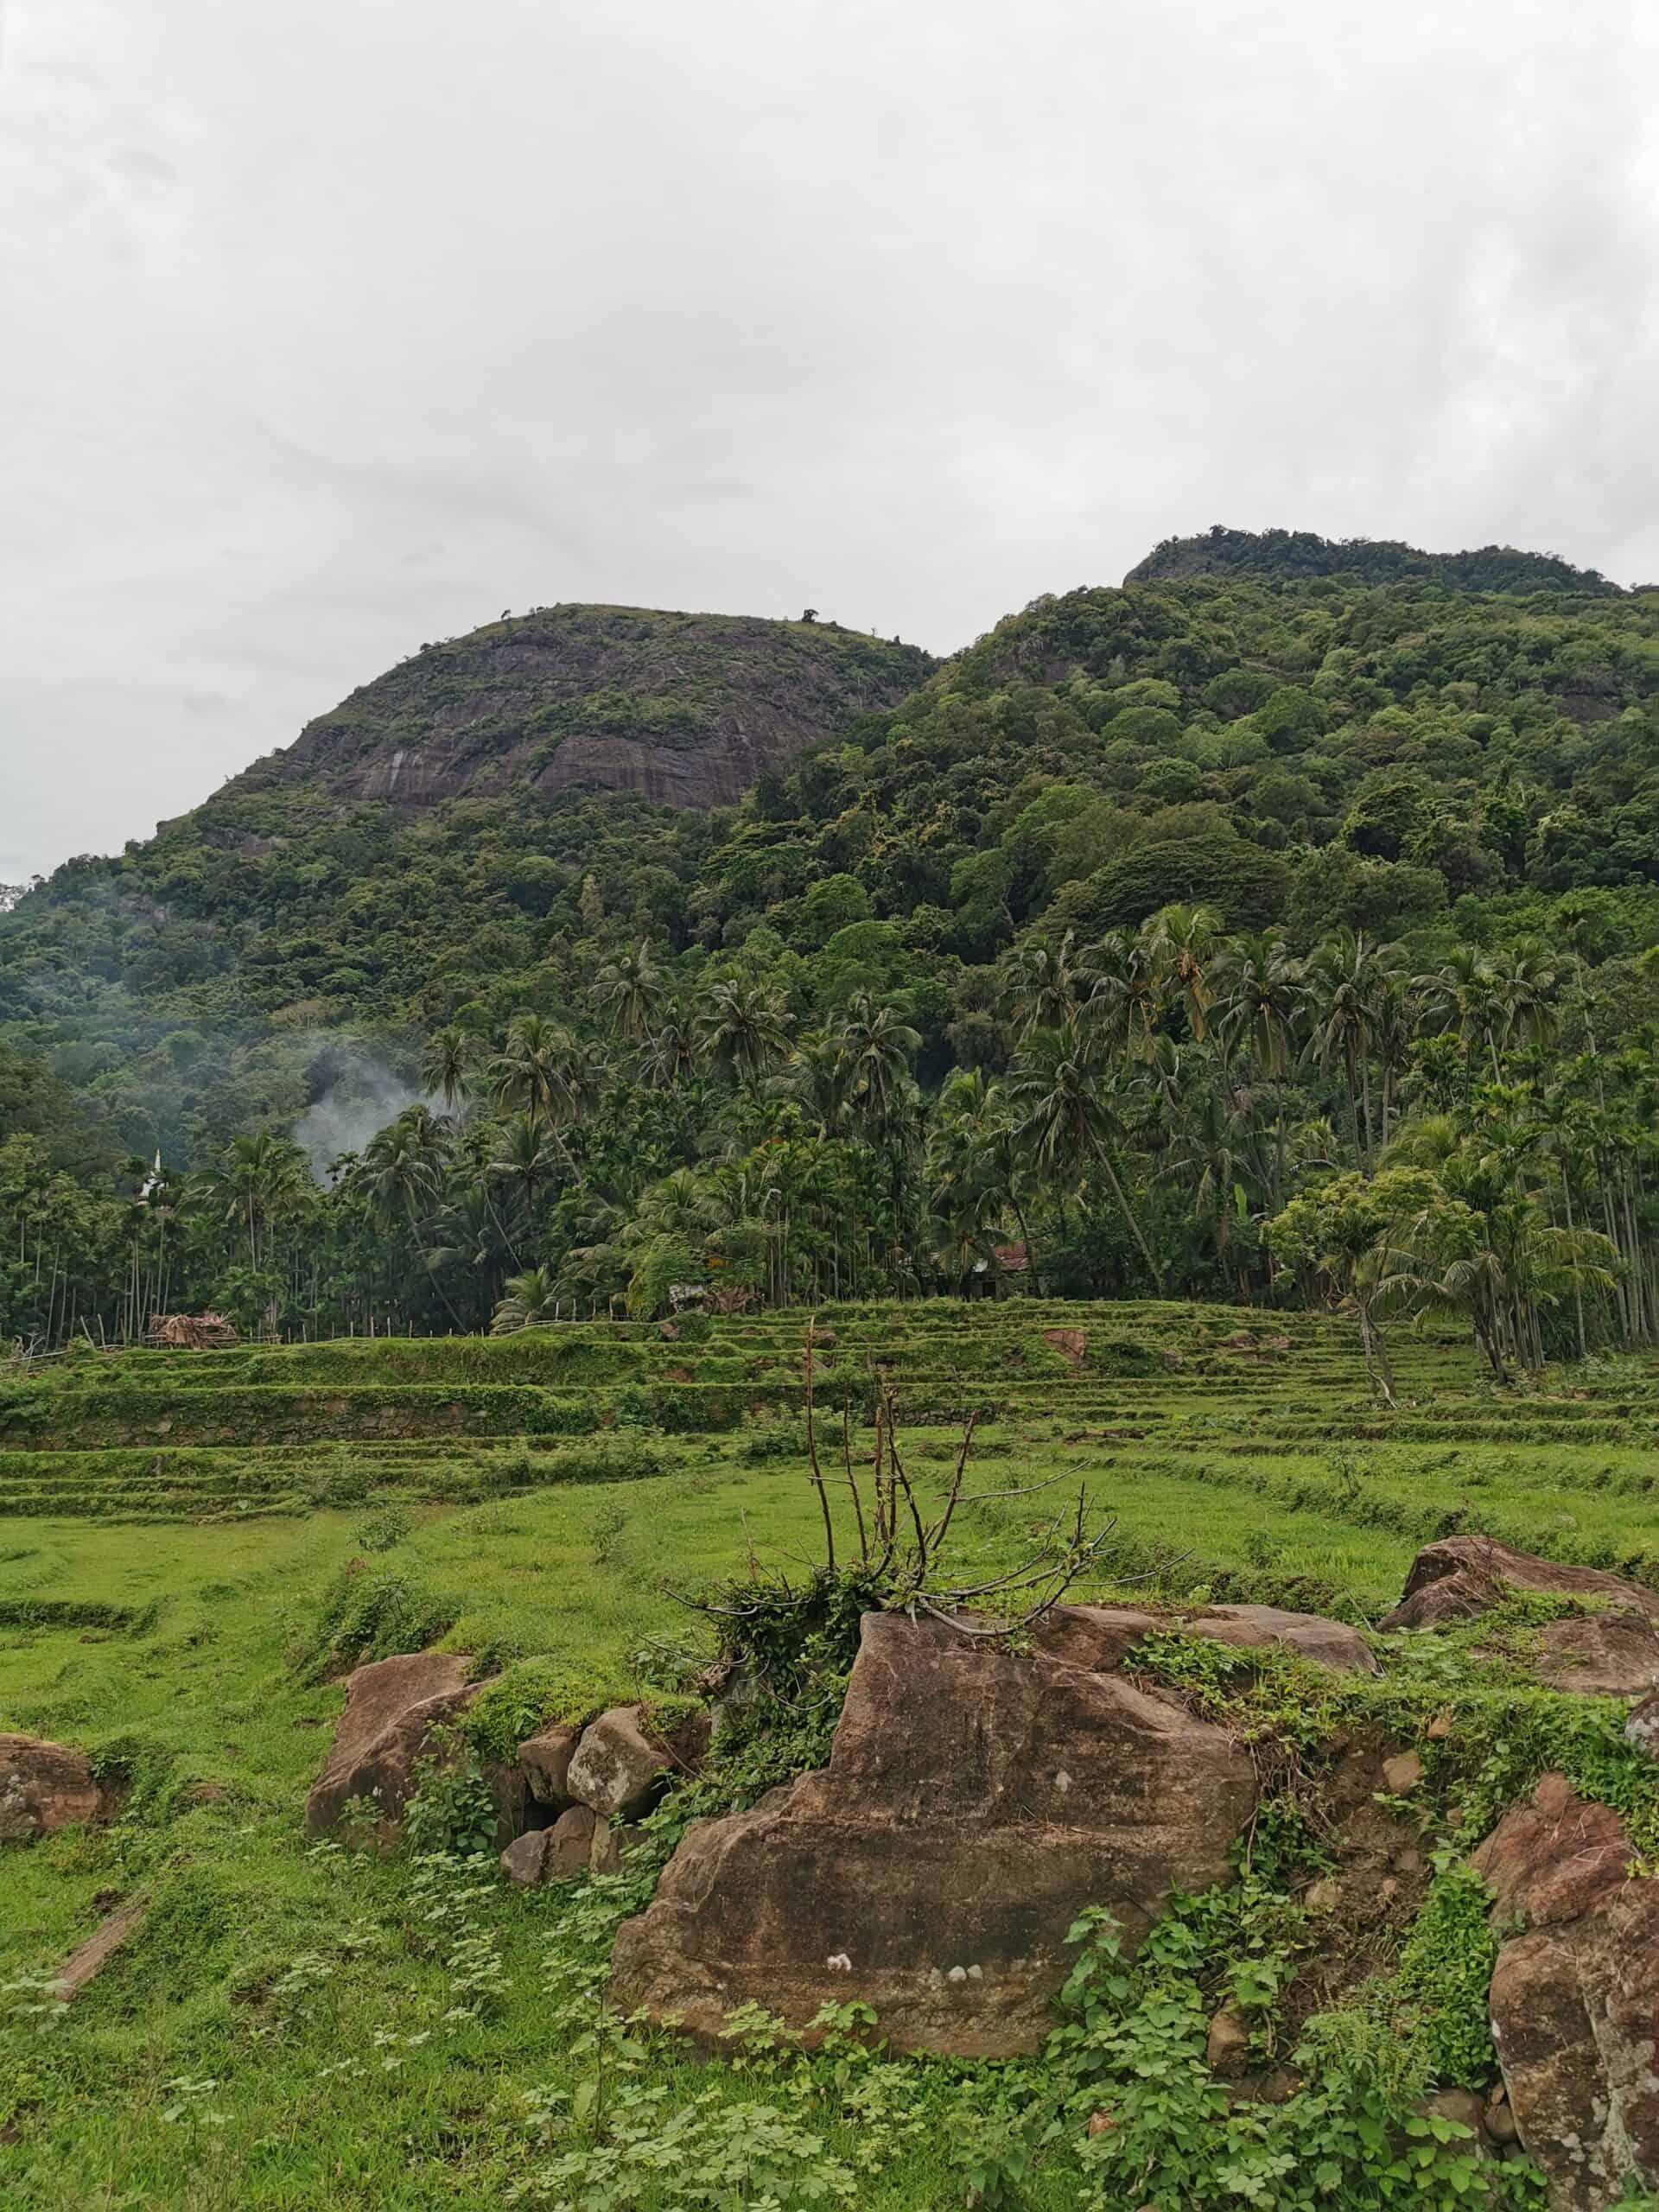 meemure_මීමුරේ_sri lanka village